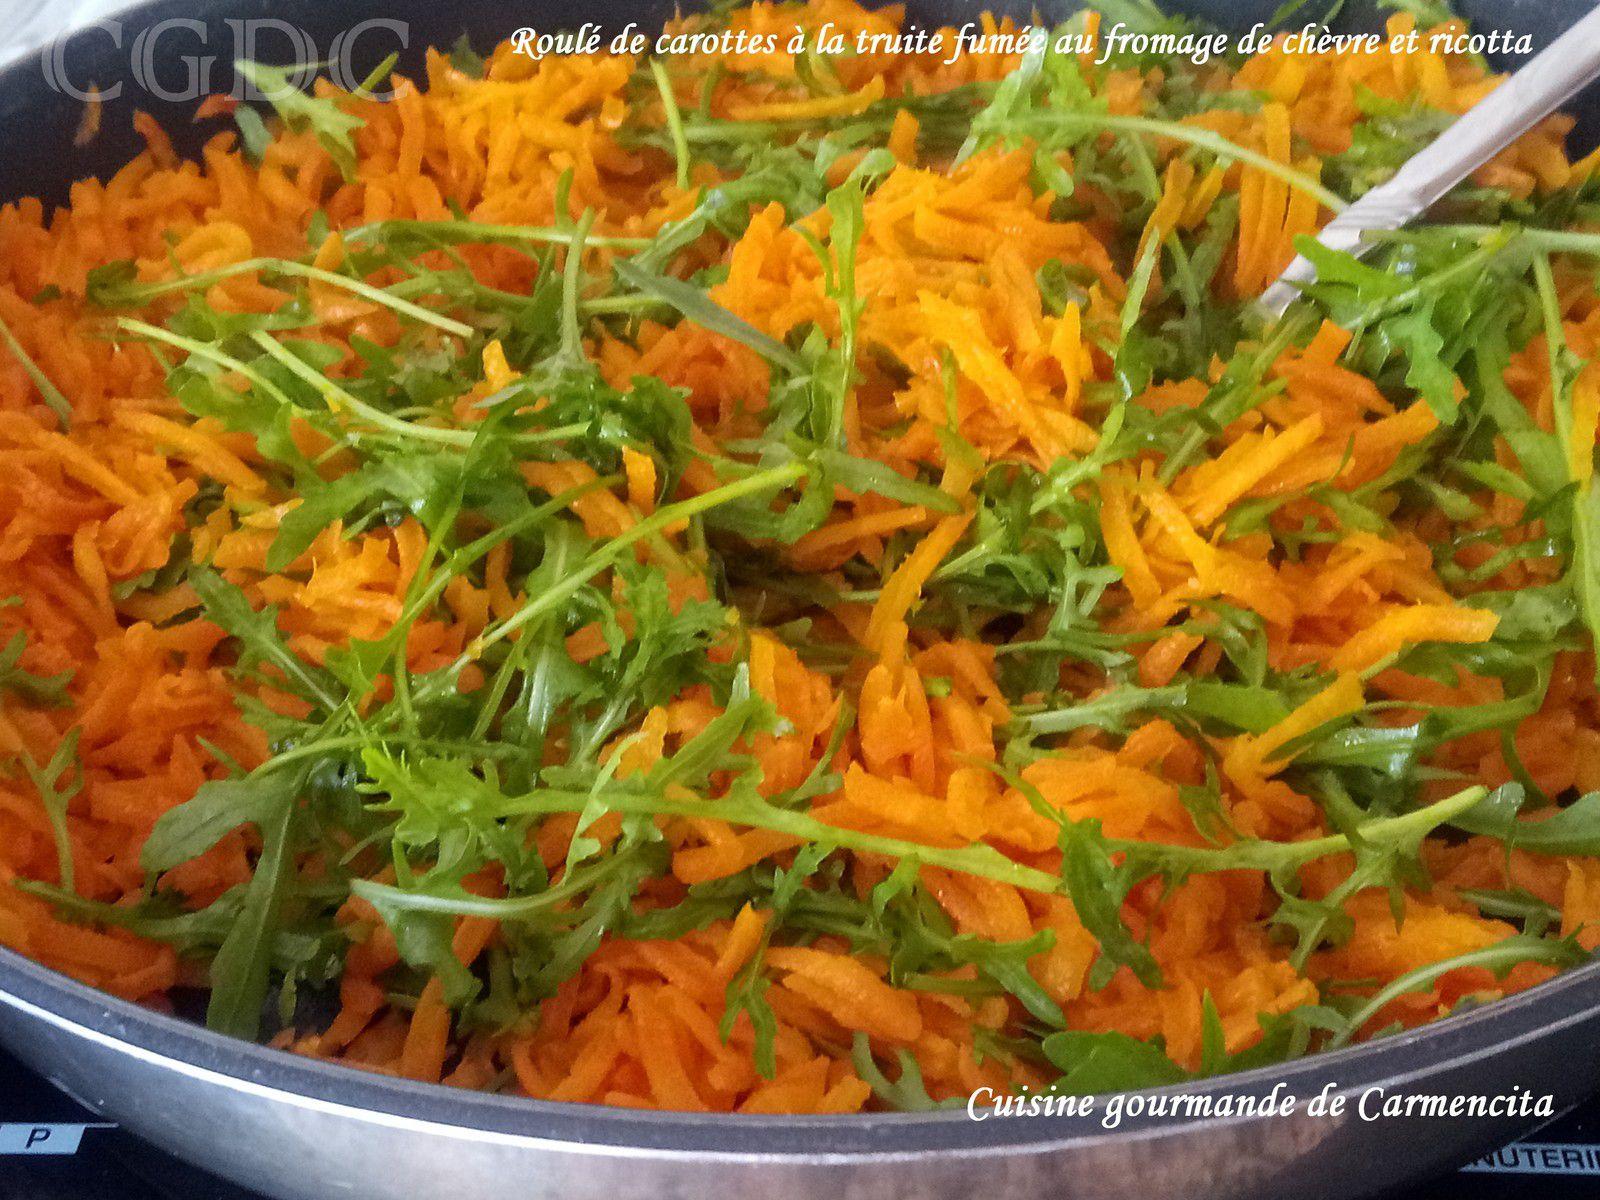 Roulé de carottes à la truite fumée au chèvre frais et ricotta